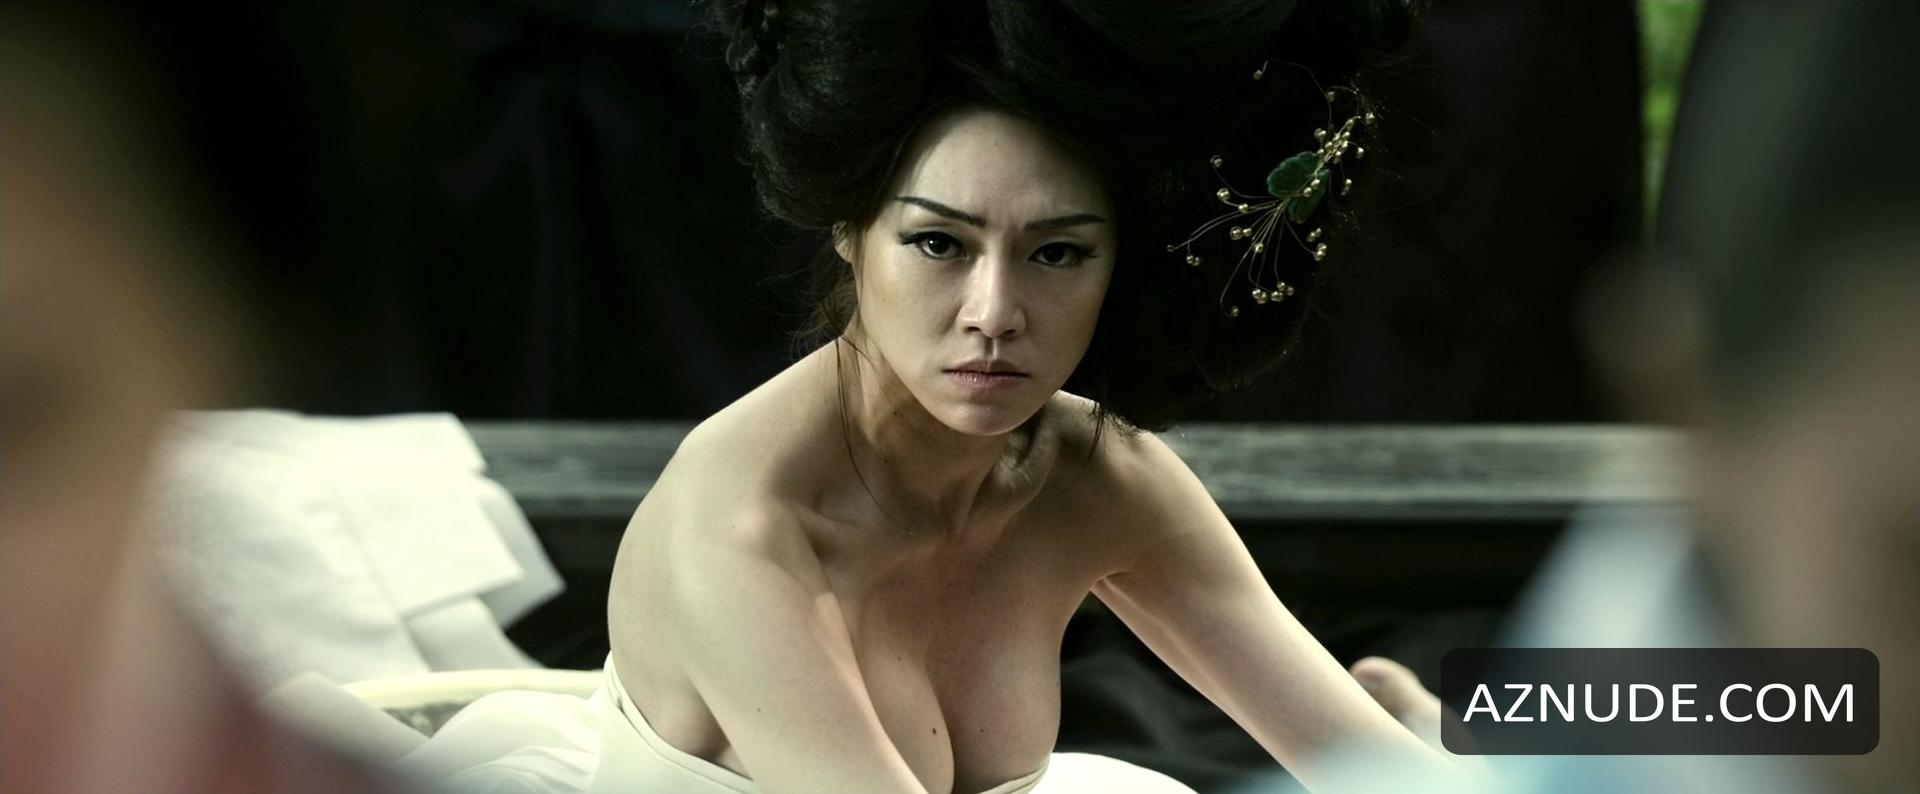 jiyeon-nude